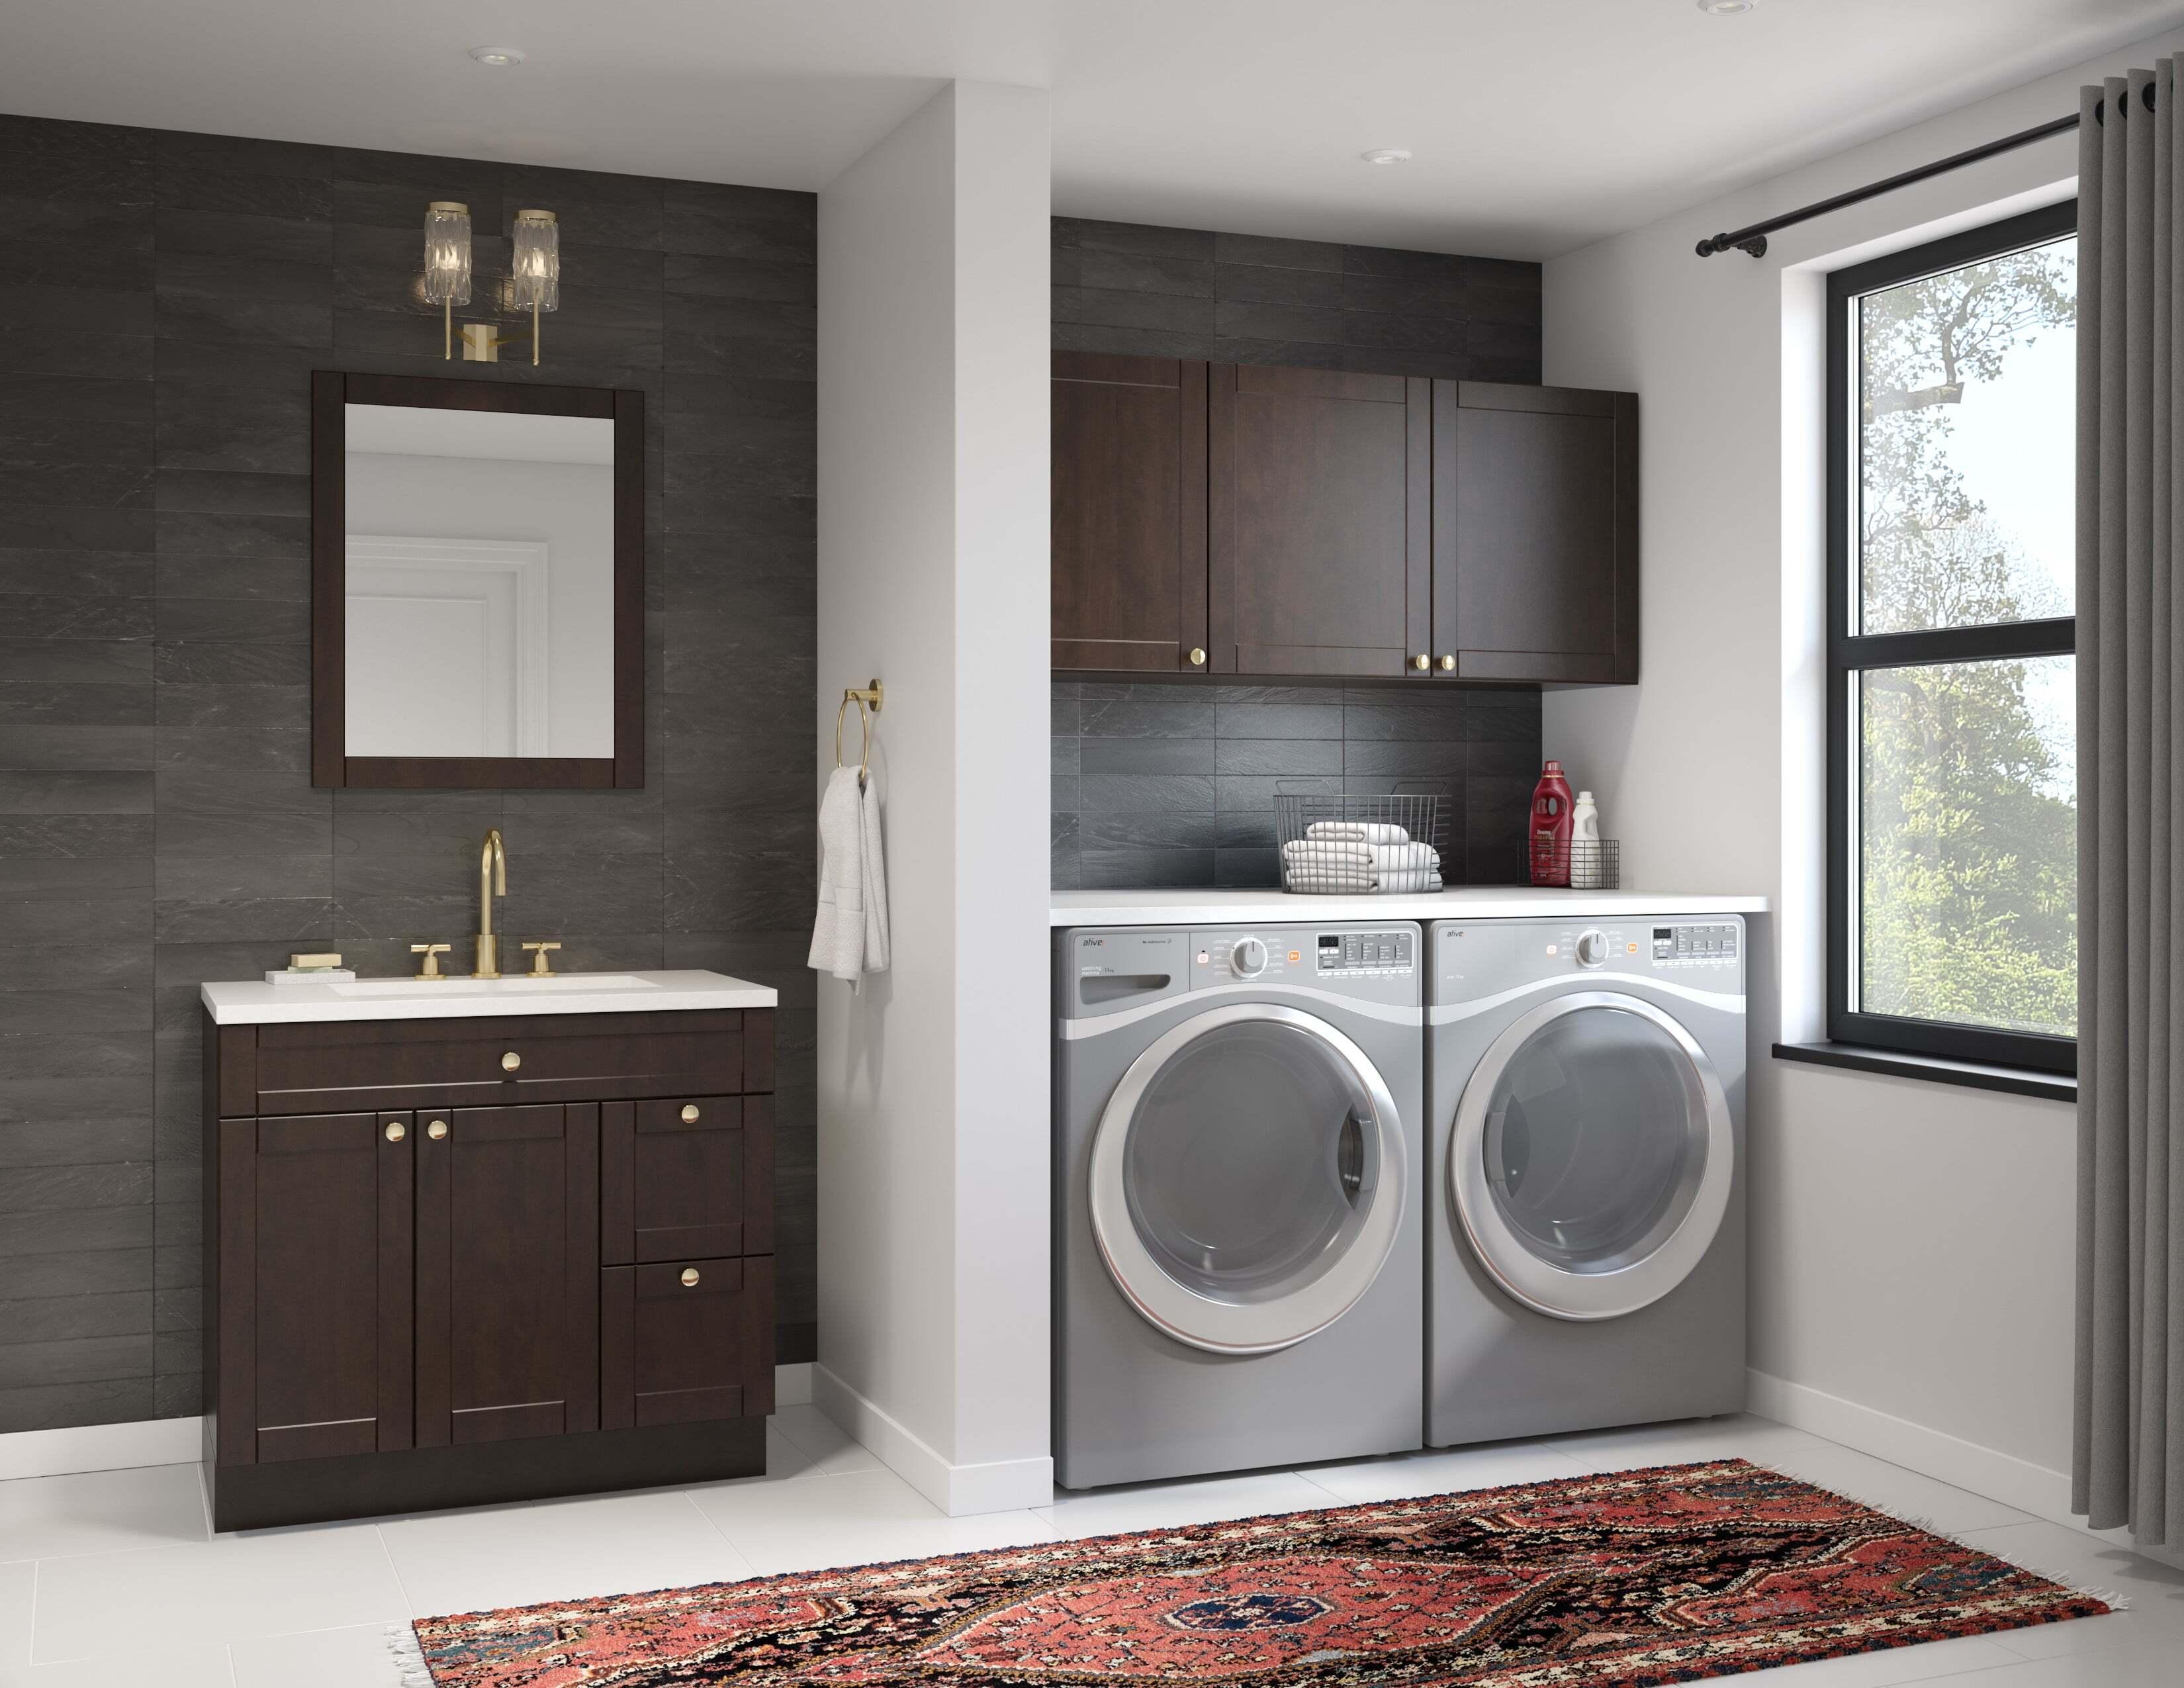 EBSU | Manufacturier de cabinets de cuisine et salle de bain